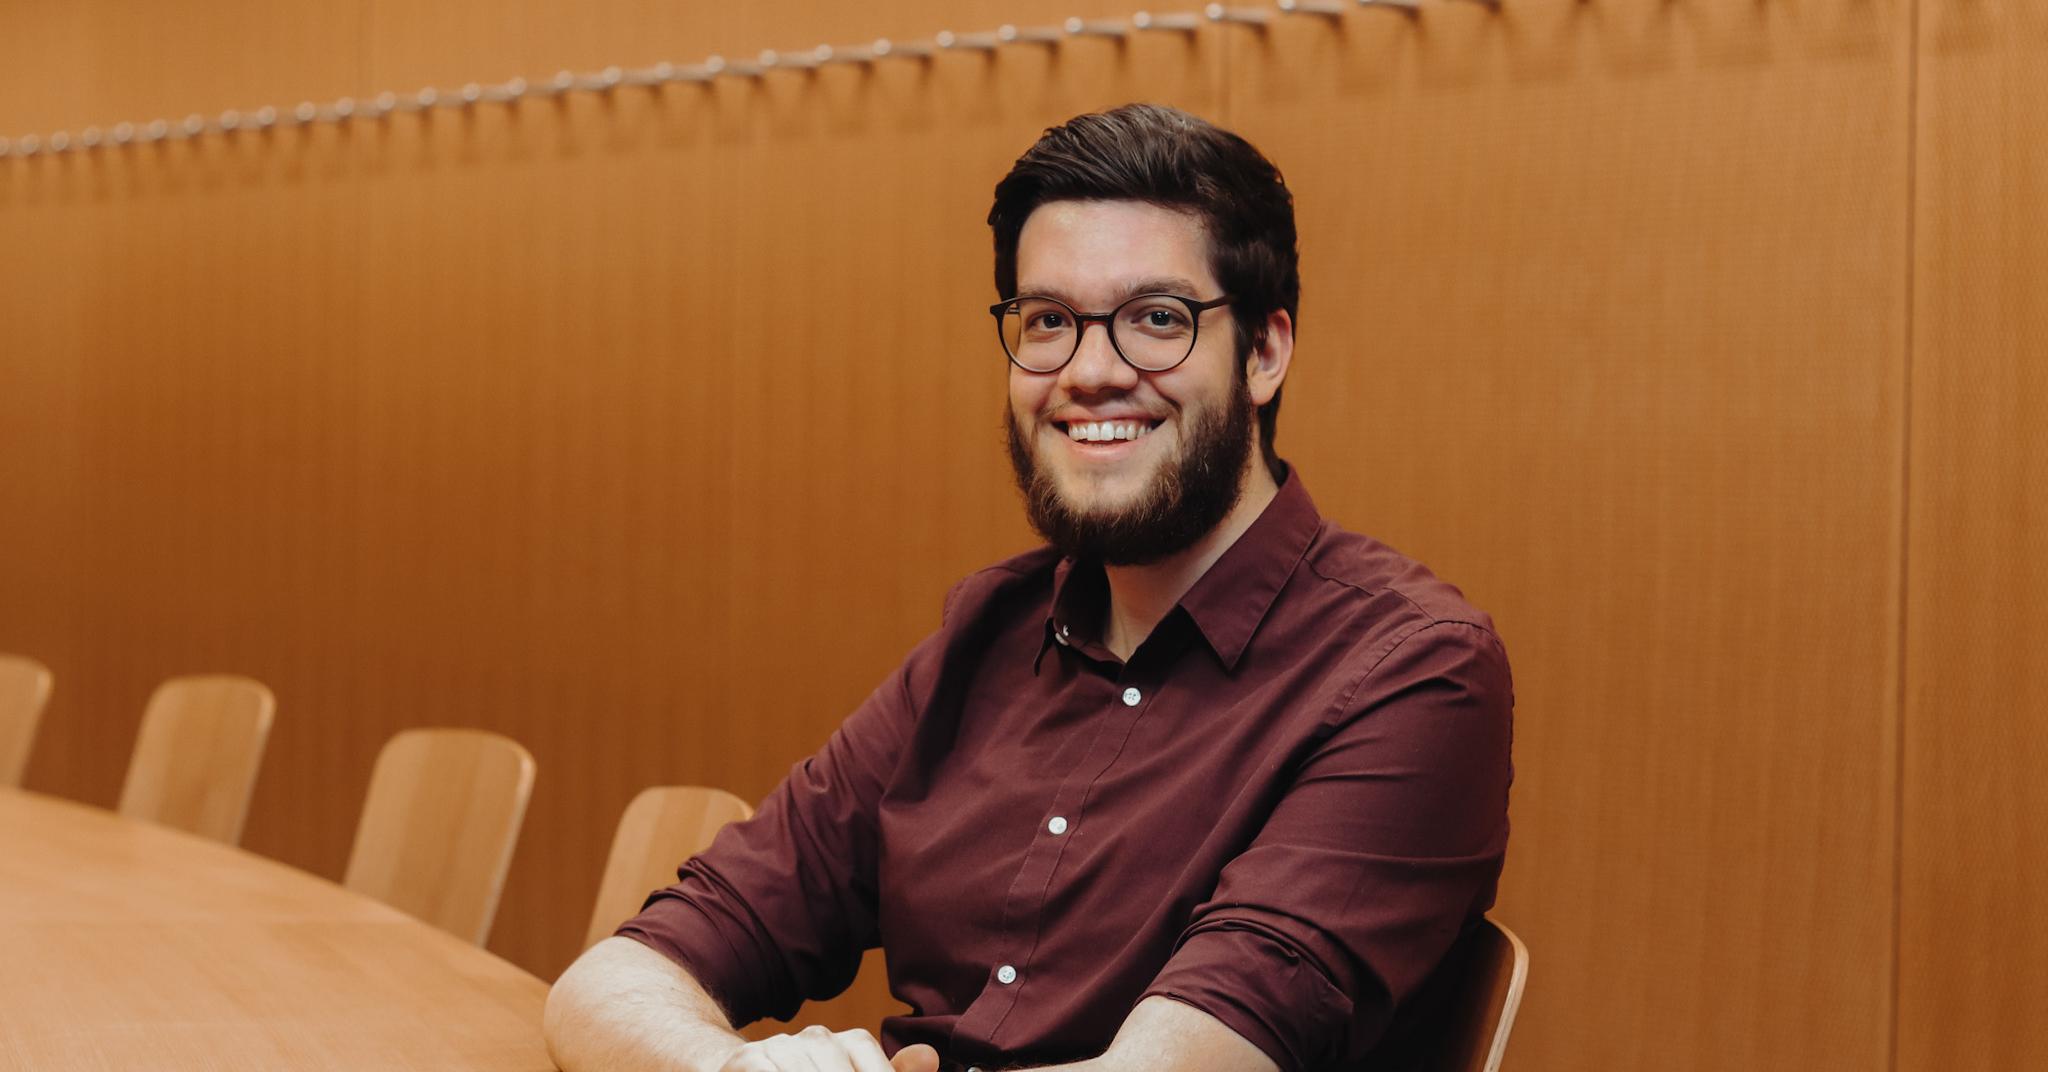 Bastian Haab ist Absolvent des Bachelor Angewandte Sprachen und als Projektleiter bei suptertext tätig